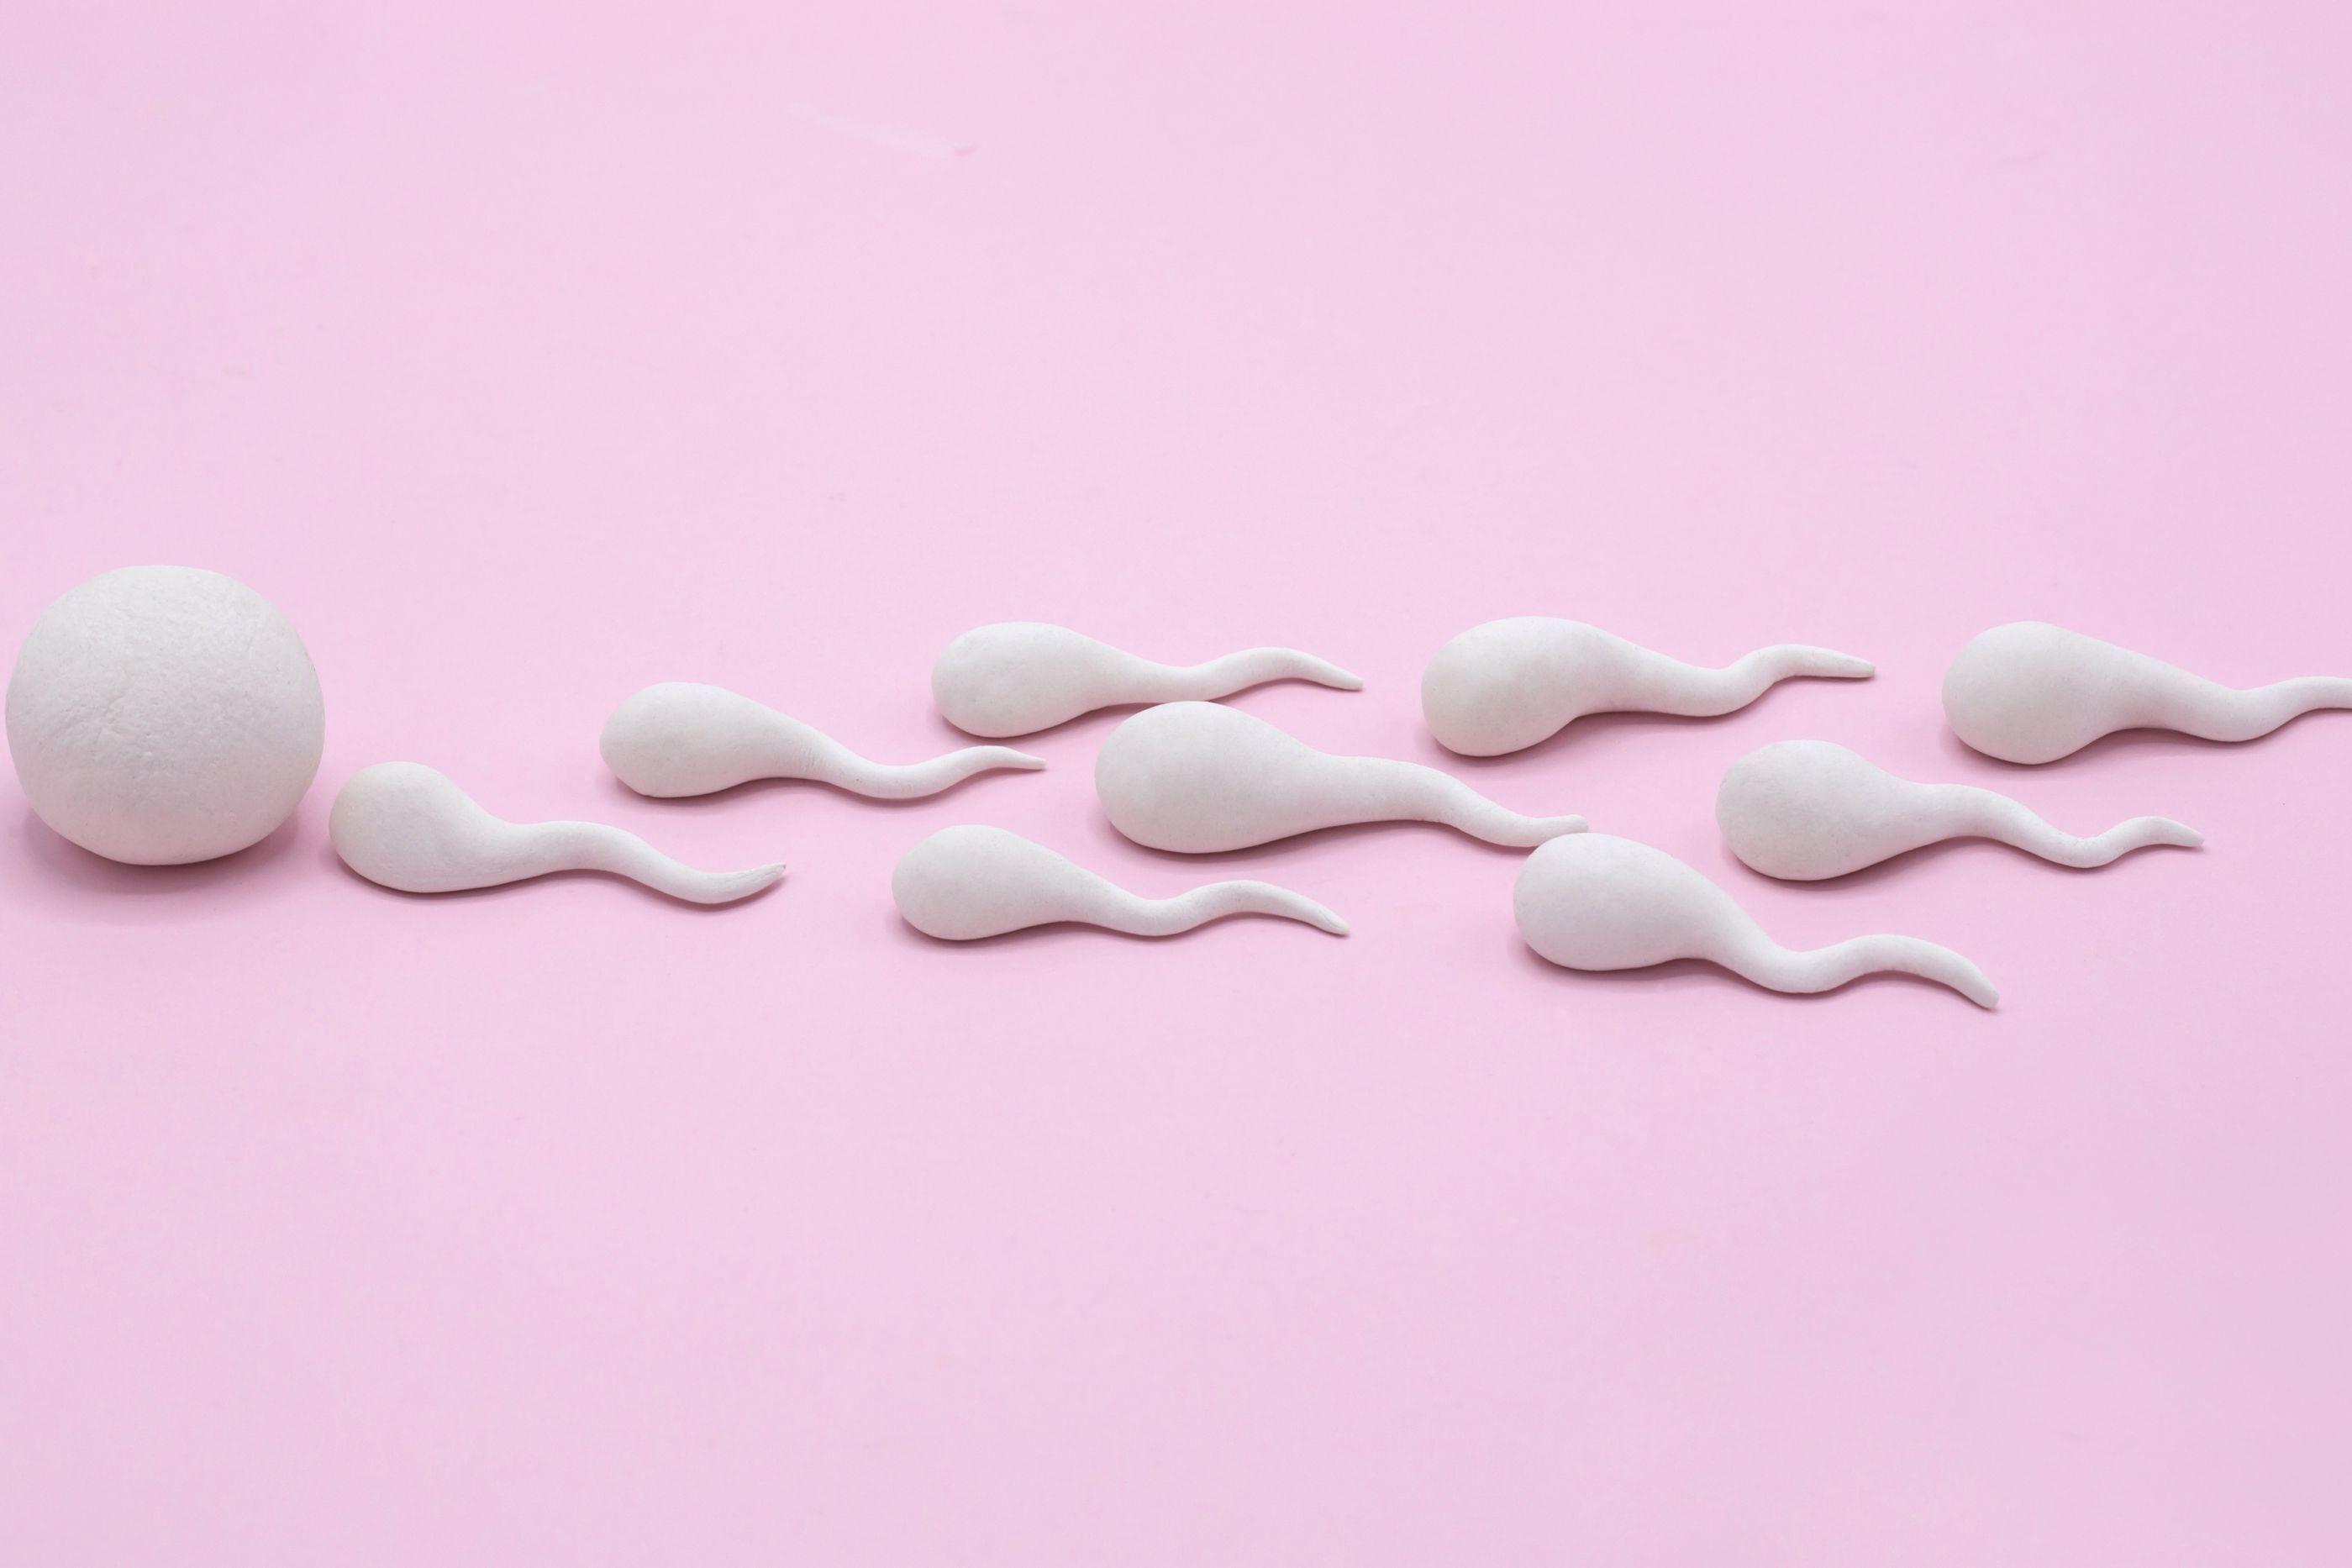 Descoberta parte do espermatozoide responsável pela infertilidade